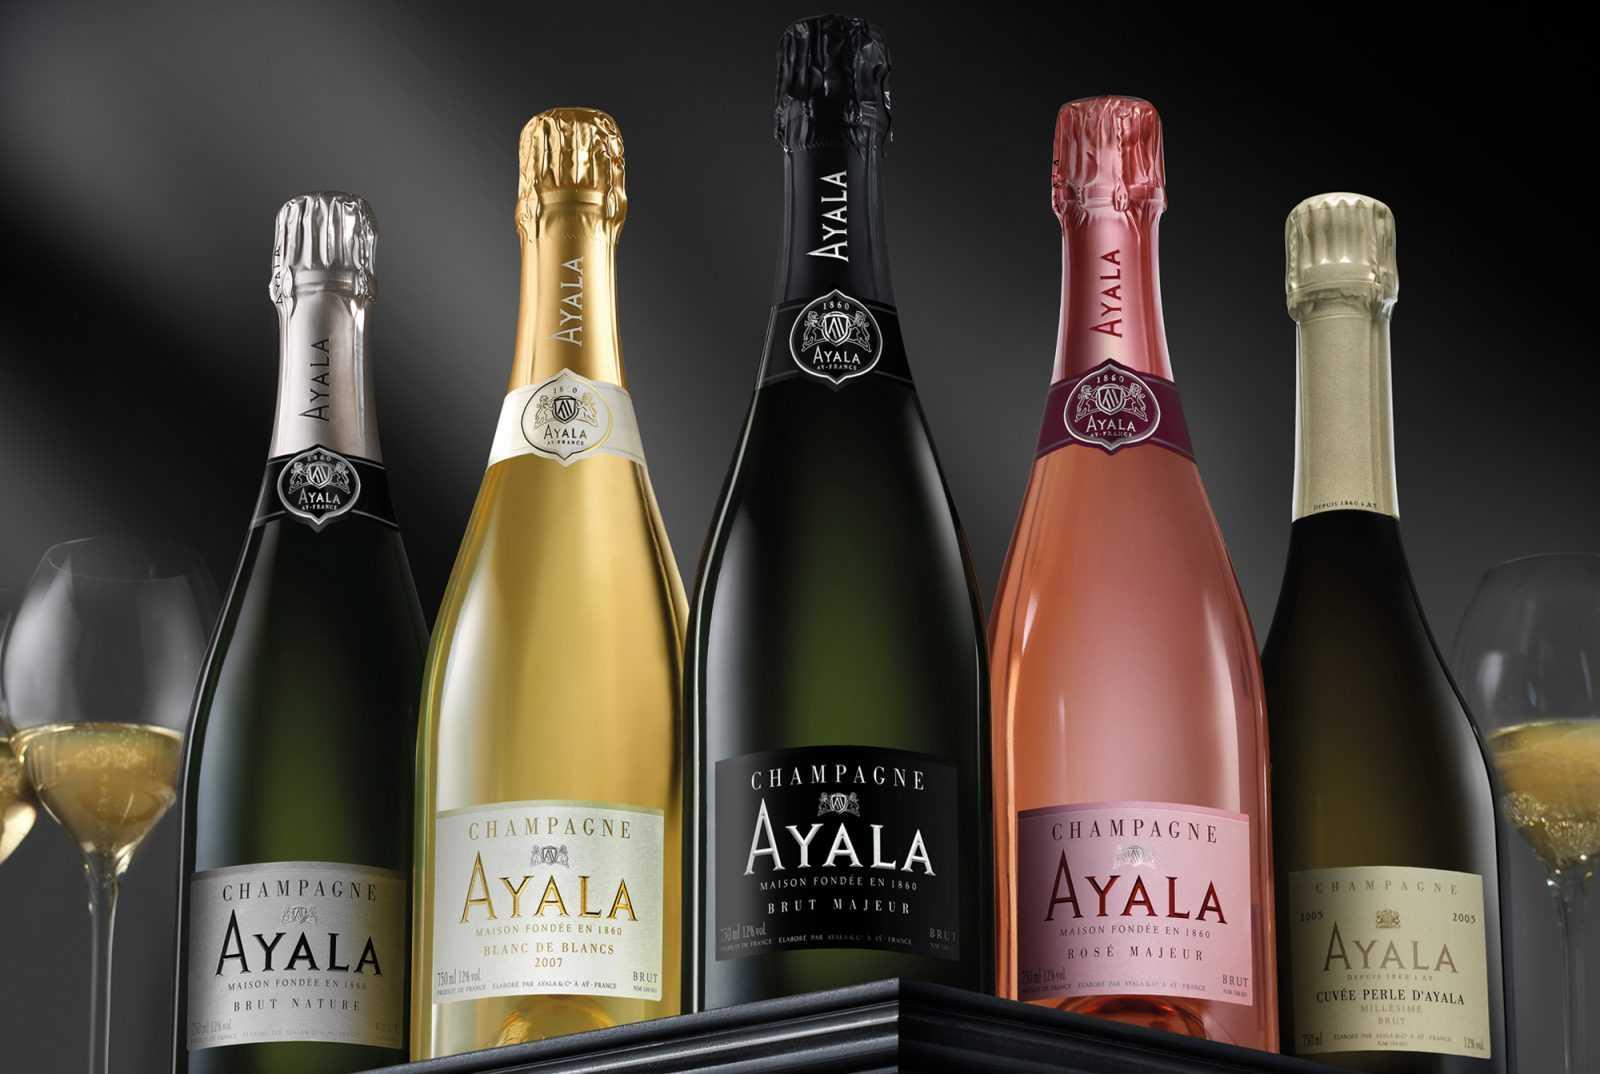 Una Historia, Champagne Ayala